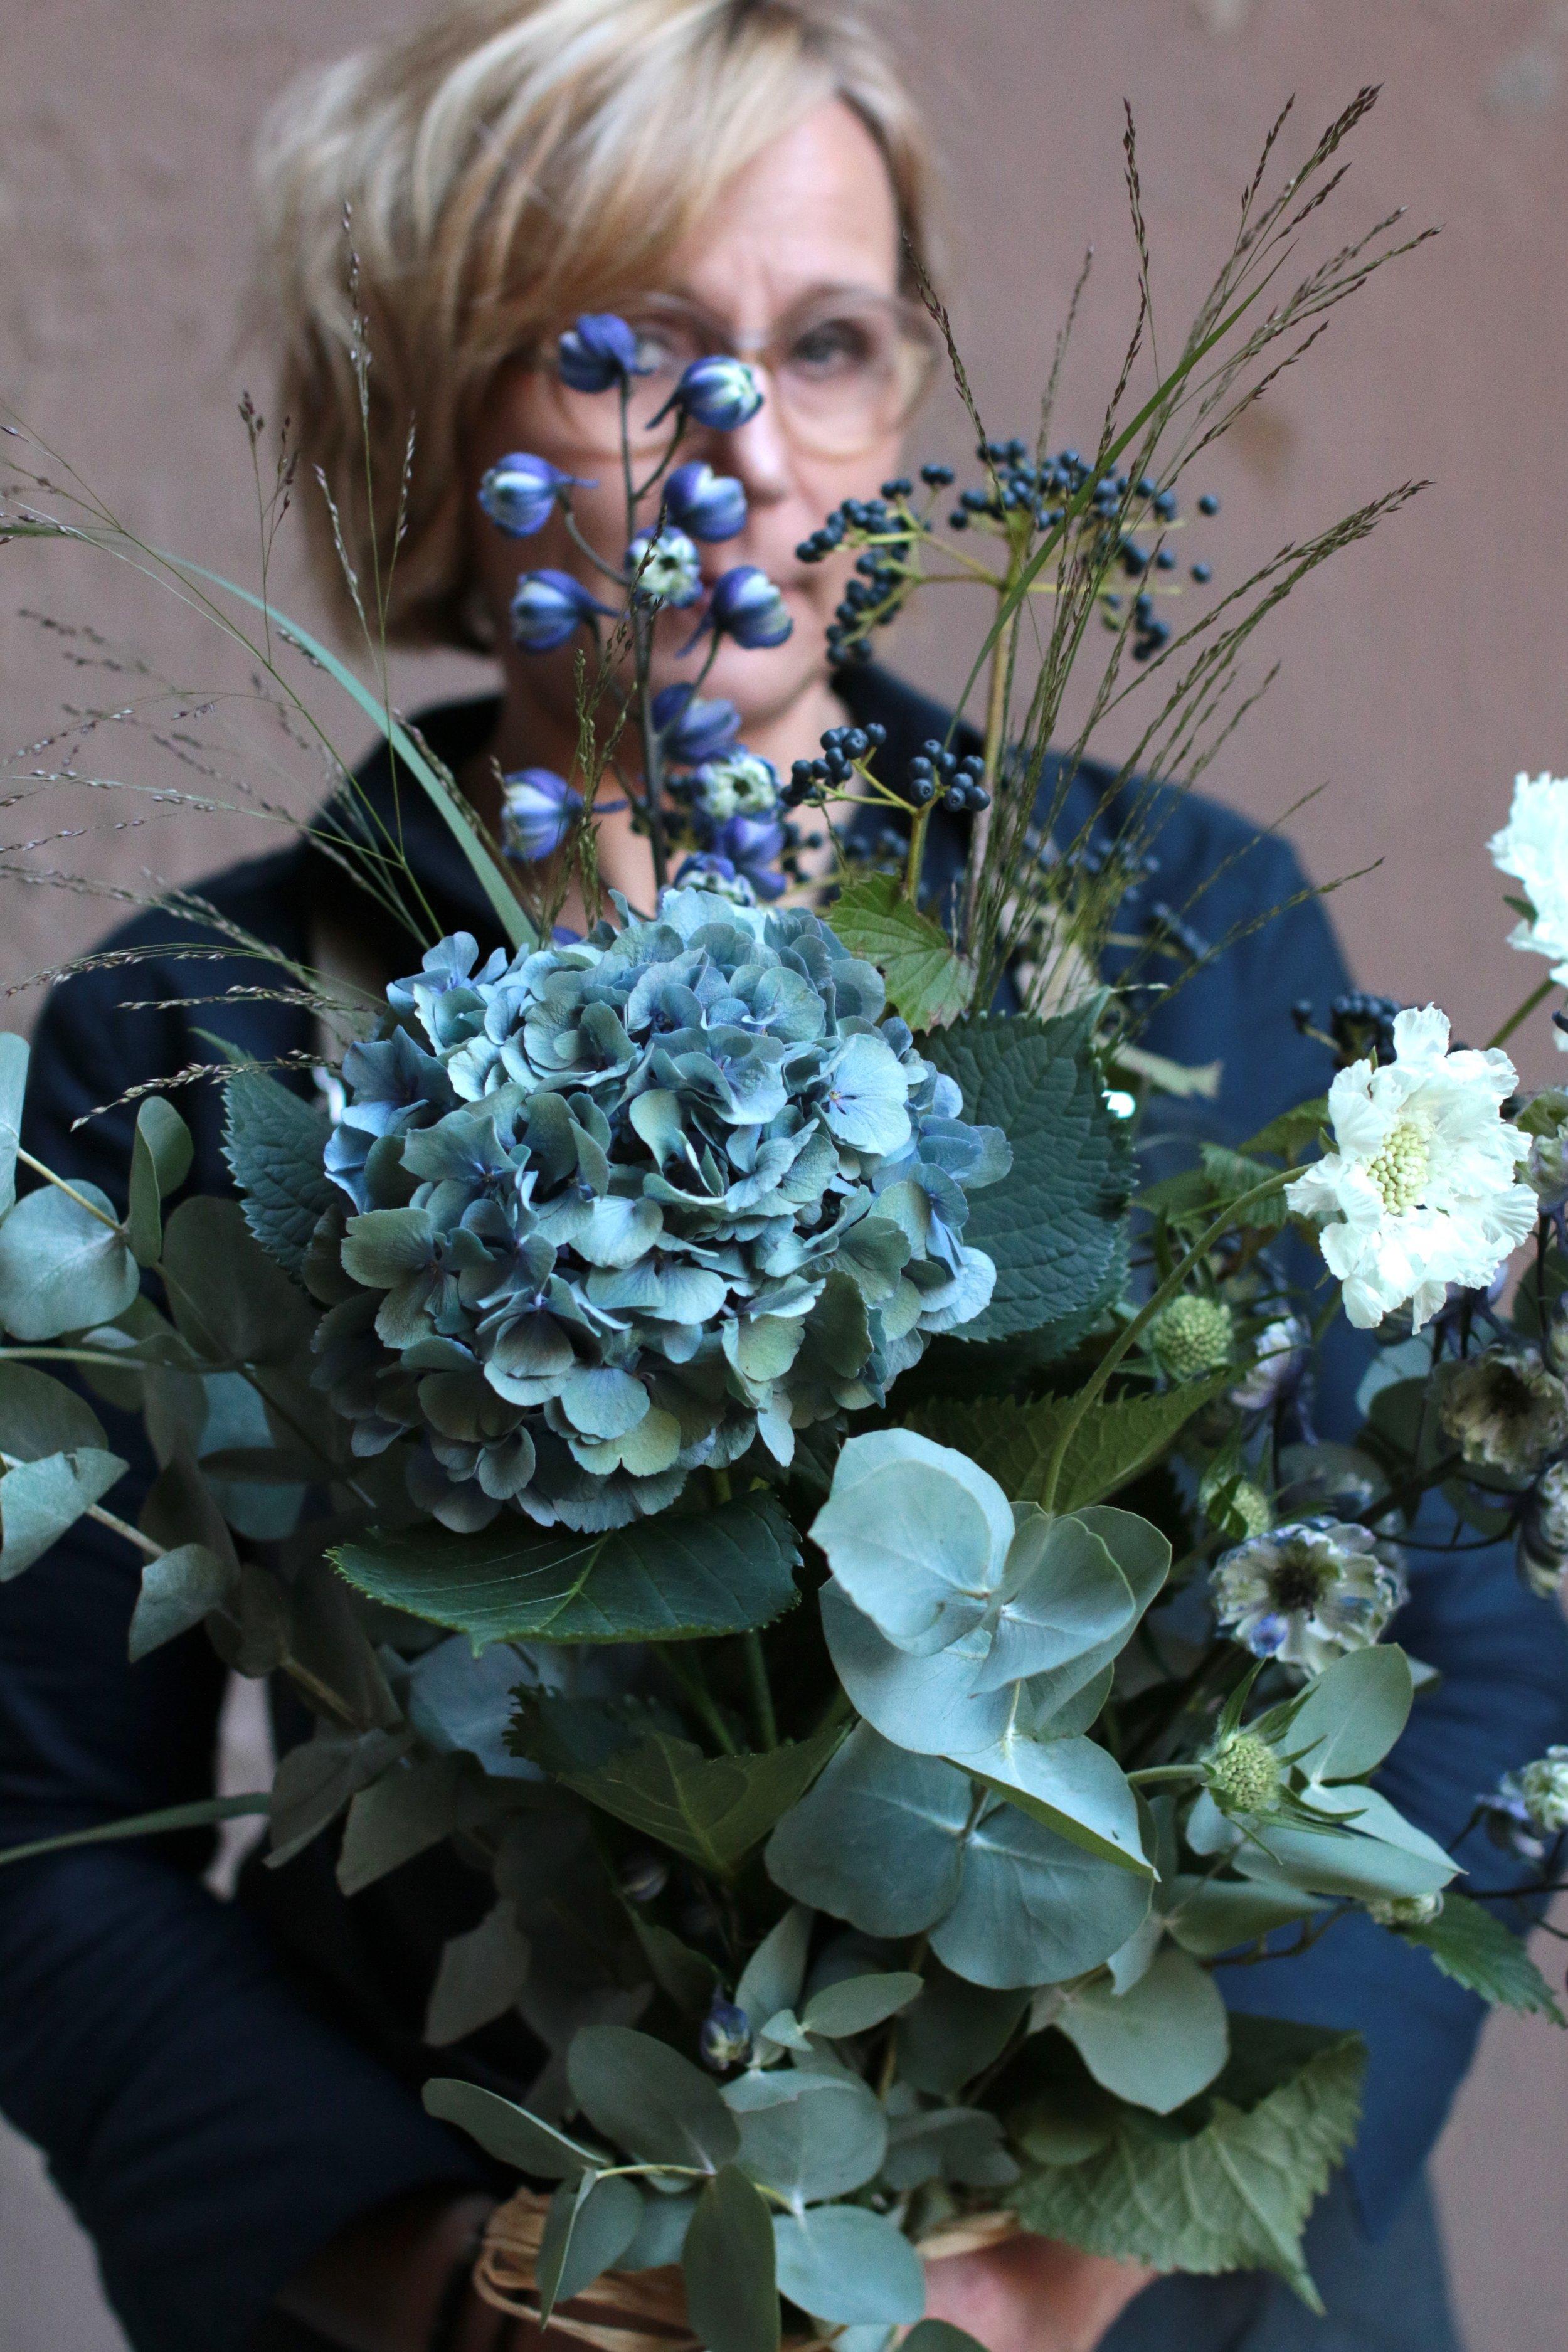 syksyinen kukkakimppu, syyshortensia, monogromosävyt, cut flowers